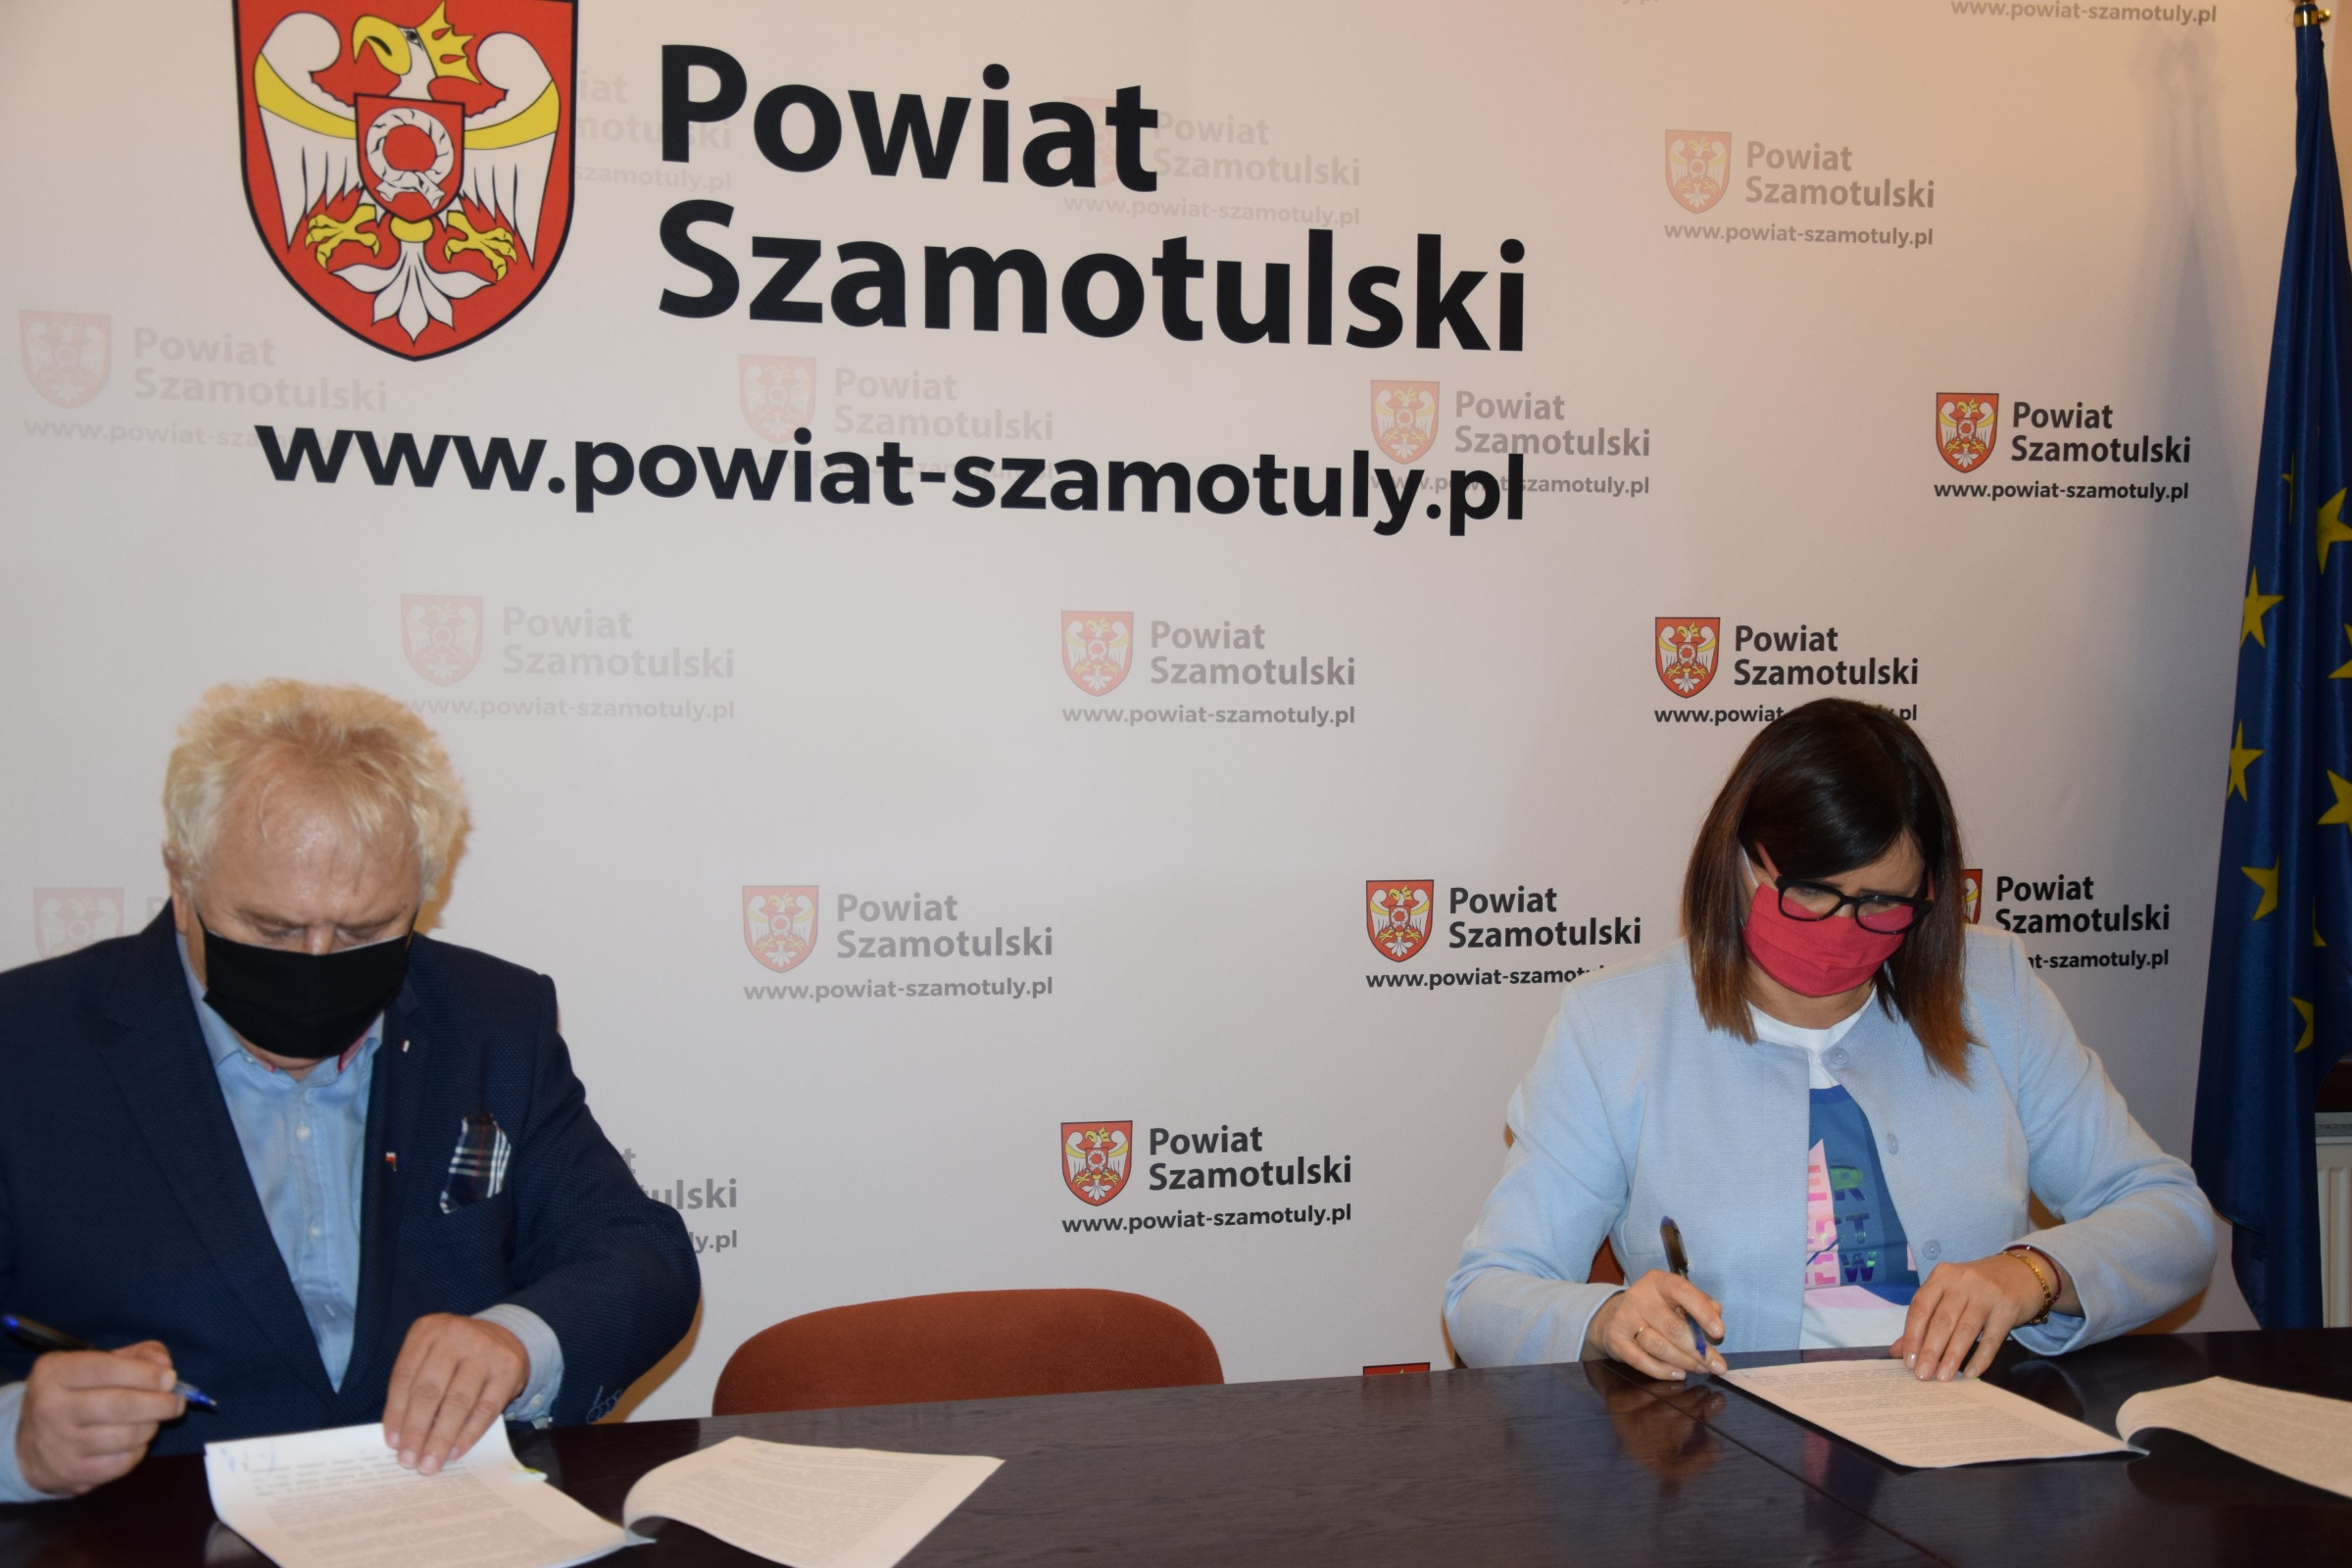 Podpisanie umowy dofinansowania do autobusu